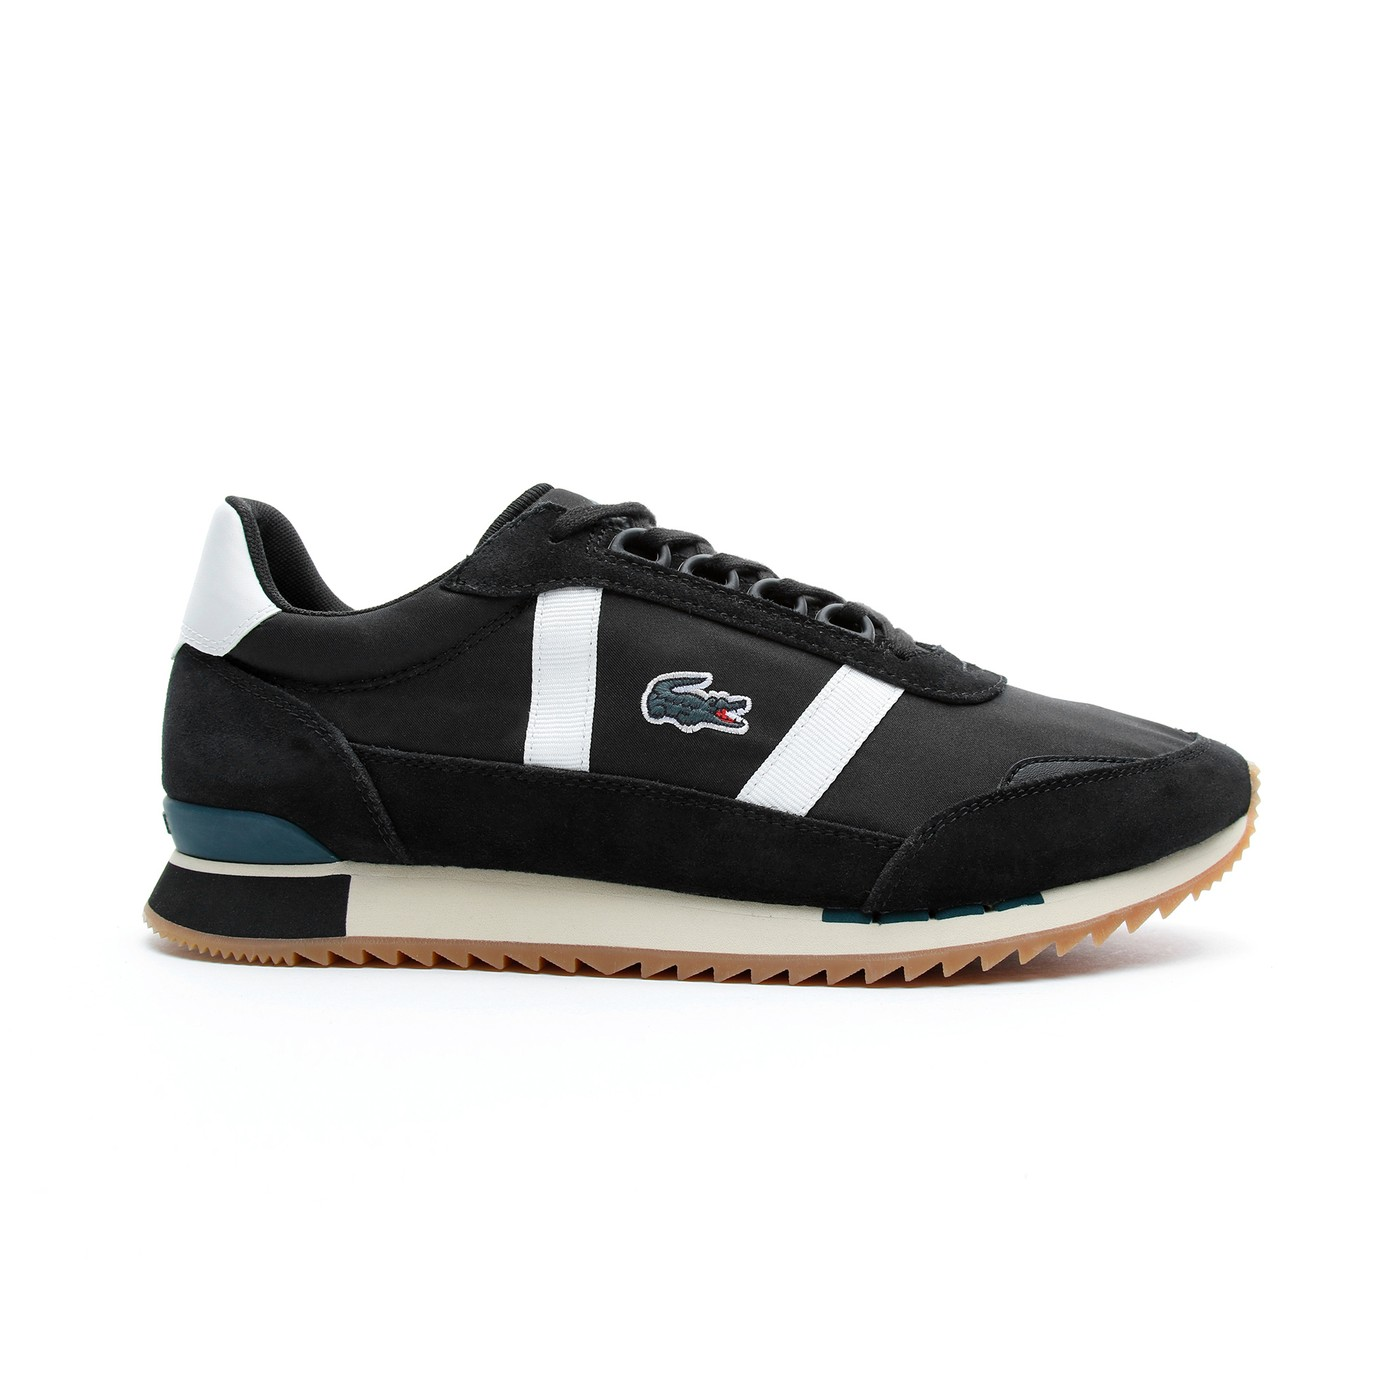 Lacoste Partner Retro Erkek Siyah - Bej Spor Ayakkabı